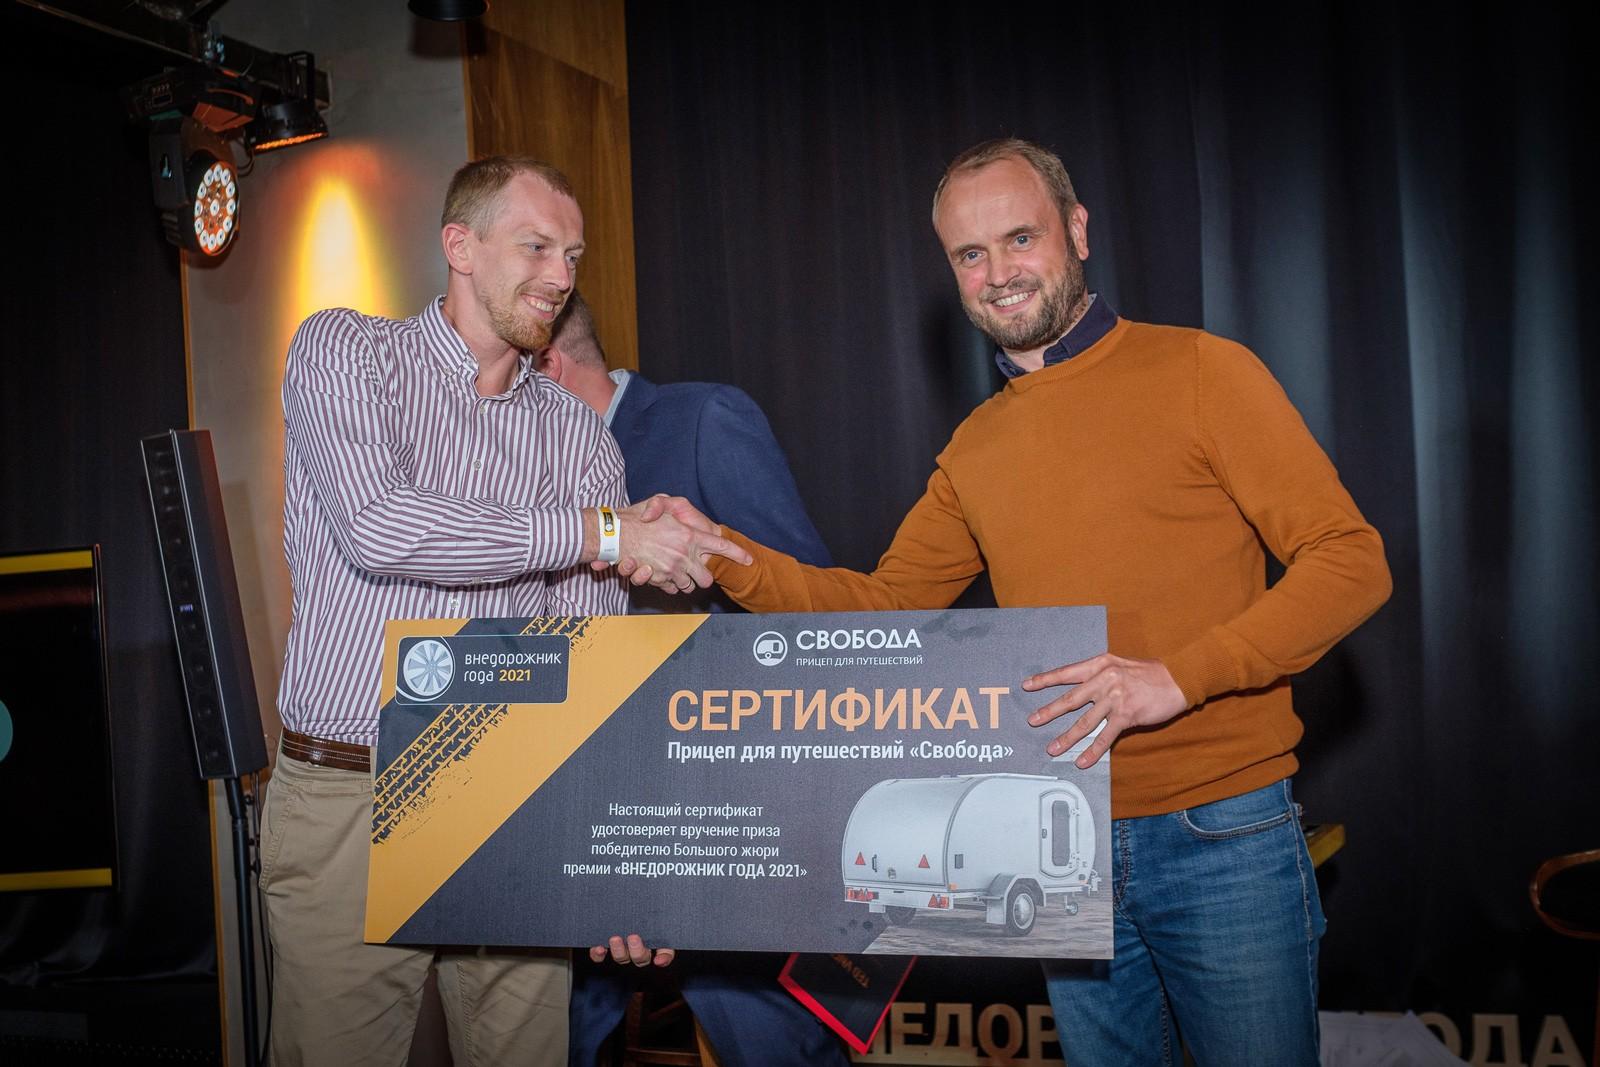 Стали известны лучшие внедорожники и кроссоверы в России в 2021 году